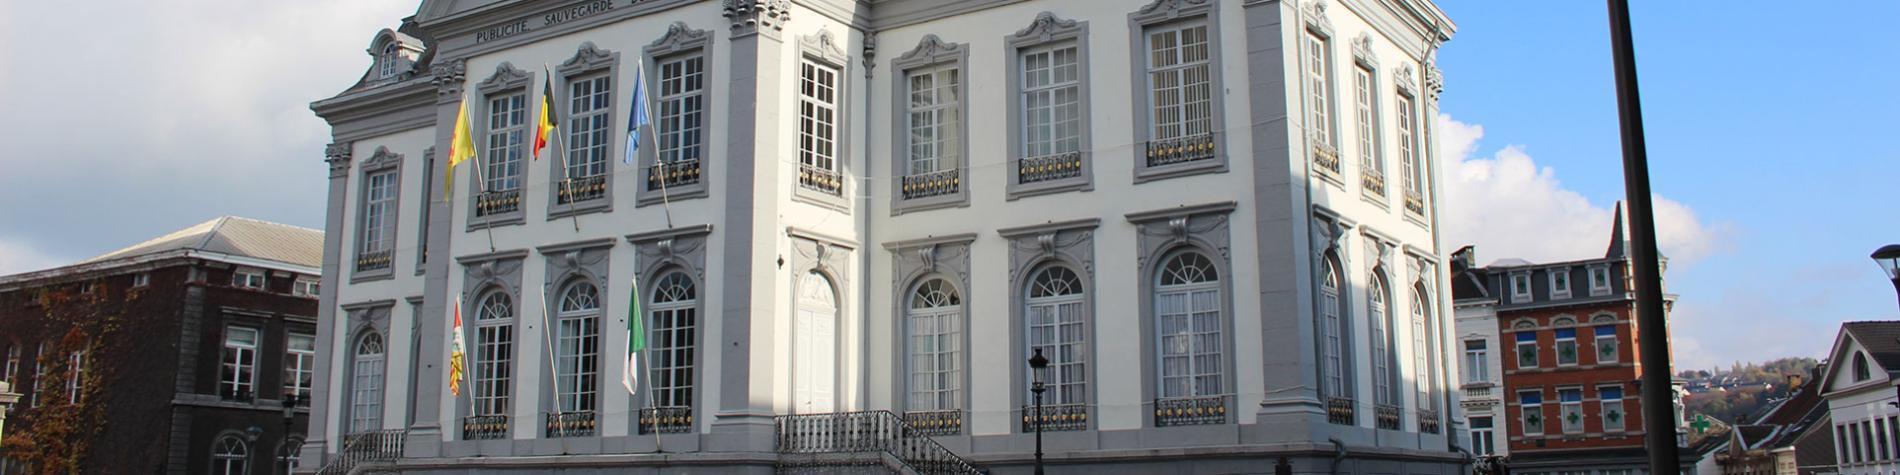 Hôtel de Ville - Verviers - style néo-classique - patrimoine exceptionnel de Wallonie